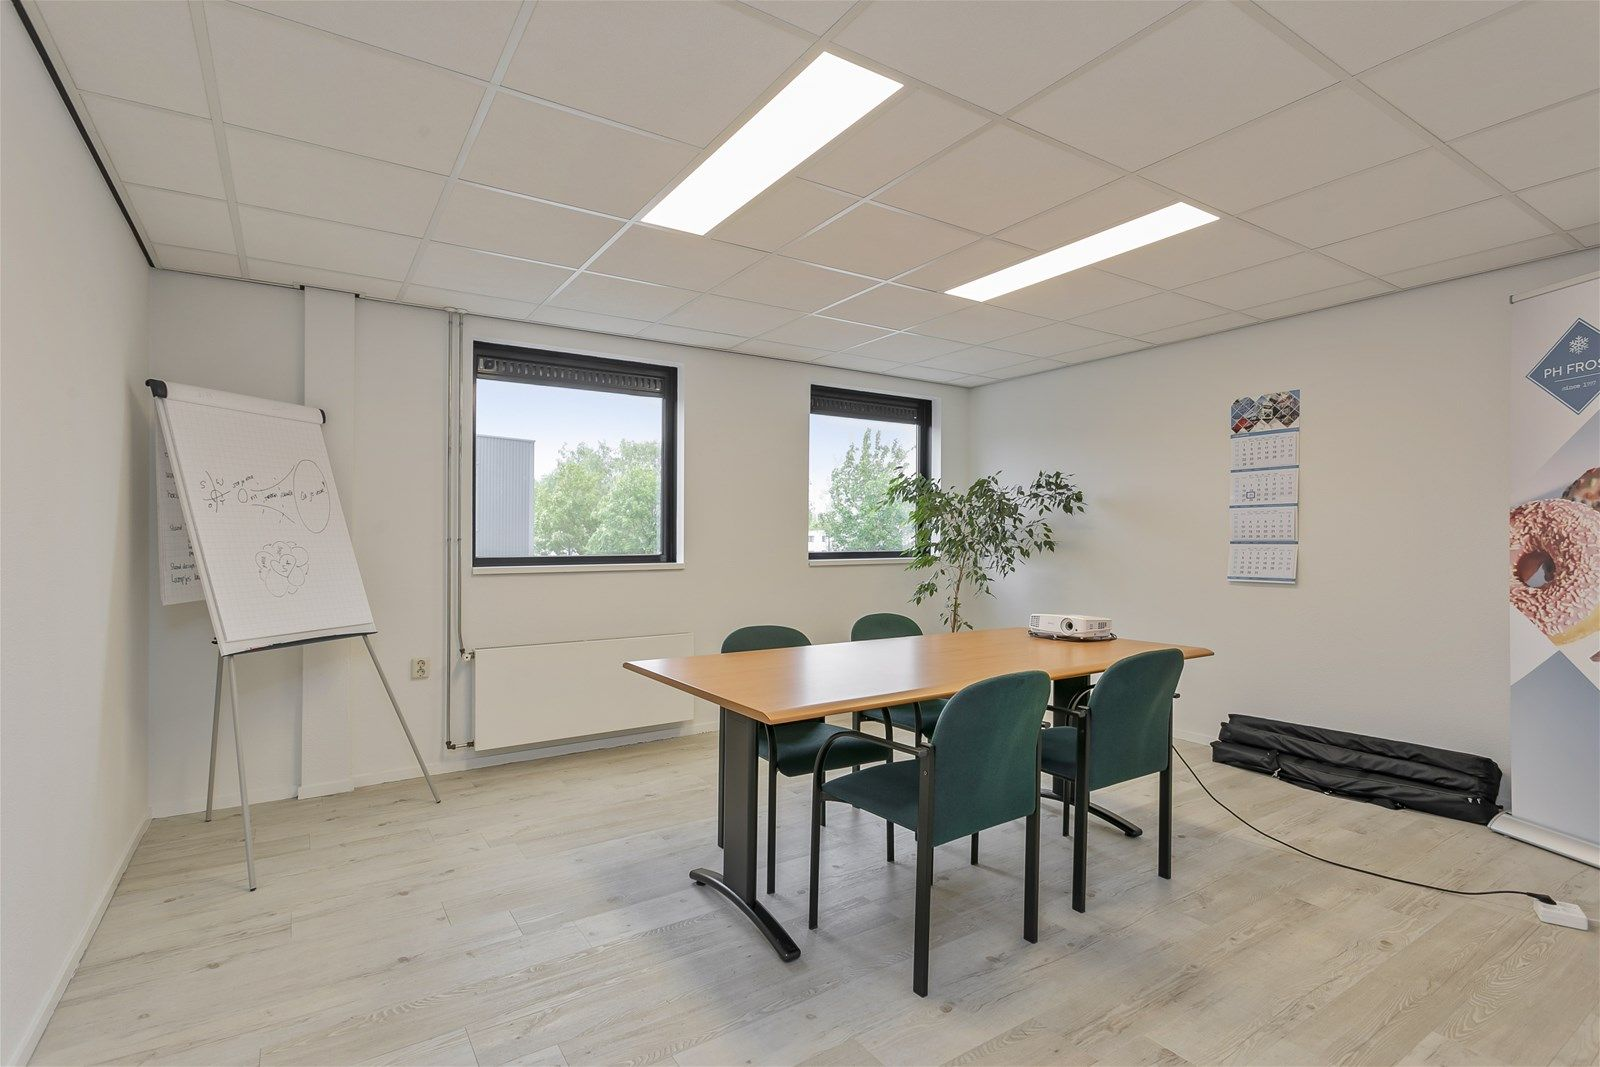 Dit bedrijfspand met verdieping is heeft een uitstekende locatie op industrieterrein Vosdonk te Etten-Leur. Het pand is geschikt voor verschillende doeleinden mede door de mogelijkheid om het pand te herindelen.  De ligging van het bedrijfspand is ideaal; goed bereikbaar zowel aan de voor- als achterzijde, eigen parkeerplaatsen en een goede ontsluiting met de A58(Breda/Etten-Leur/Roosendaal).  Het pand heeft een ruime showroom aan de voorzijde. Aan de linkerzijde van het pand bevindt zich een opslagruimte met sectionaal deur. Het pand bestaat daarnaast uit een tweetal grote magazijnen aan de achterzijde, toegankelijk middels een tweetal sectionaal deuren. Op de eerste verdieping is een kantine met keuken en diverse kantoorruimtes.   LIGGING  Industrieterrein Vosdonk is een groot regionaal bedrijventerrein in gemeente Etten-Leur. Het terrein is centraal gelegen tussen de steden Breda en Roosendaal en is gelegen aan de Rijksweg A58 (Breda- Roosendaal) welke binnen 5 autominuten aansluiting biedt op de A16 (Rotterdam-Antwerpen).  Ook  vanuit de stad Breda is de bereikbaarheid optimaal. Het terrein heeft een groot buitenterrein met aan de voorzijde 22 parkeerplaatsen. De achterzijde is goed bereikbaar middels een eigen ontsluitingsweg.   BOUWAARD  De voorzijde van het pand alwaar zich de showroom en de kantoorruimtes bevinden is opgetrokken met baksteen (spouw). De kozijnen zijn van kunststof en zijn voorzien van dubbele beglazing. De loodsen aan de linkerzijde en de achterzijde zijn opgetrokken in damwand en voorzien van  overheaddeuren.   INDELING  Ruime showroom aan de voorzijde van het pand met berging en keukenblok Een loods aan de linkerzijde met overheaddeur Een tweetal loodsen/opslagruimtes aan de achterzijde van het pand met twee overheaddeuren Een kantoorgedeelte met keuken en sanitair op de 1e verdieping bereikbaar vanaf de loods Een kantoorgedeelte met pantry en sanitair op de 1e verdieping bereikbaar vanaf buitenterrein. Dit kantoorgedeelte is verhuurd.   K